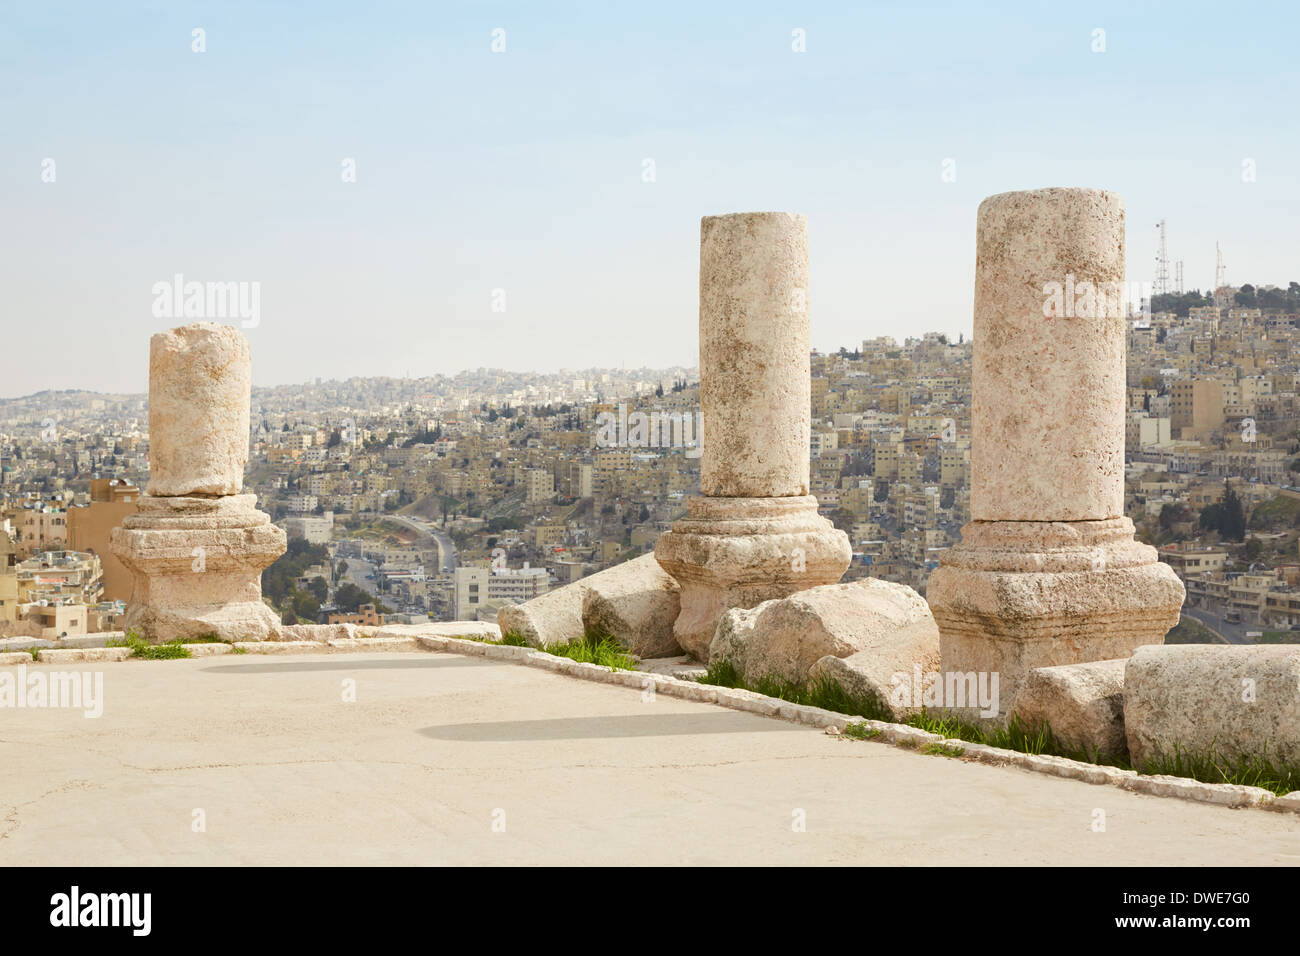 Spalten auf die Zitadelle von Amman, Jordanien, Blick auf die Stadt Stockbild